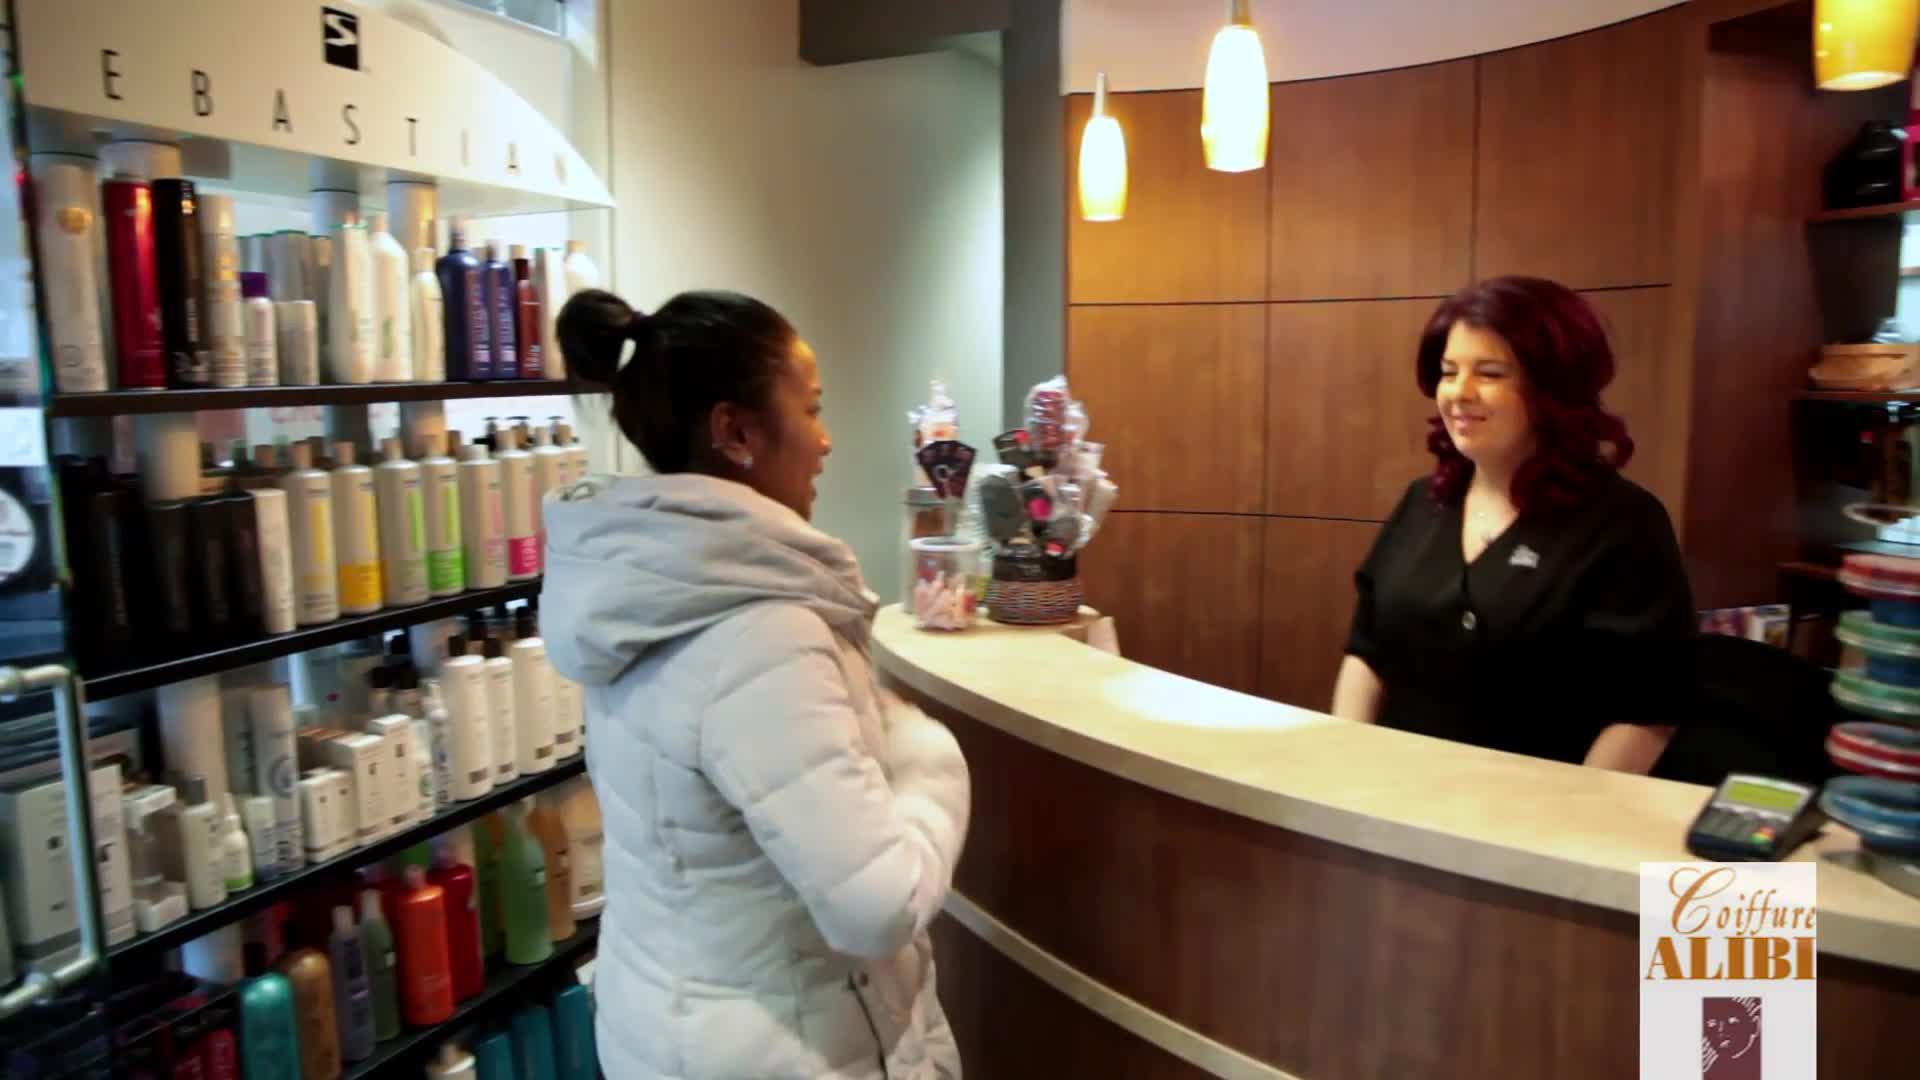 Alibi Coiffure - Salons de coiffure et de beauté - 4186232929